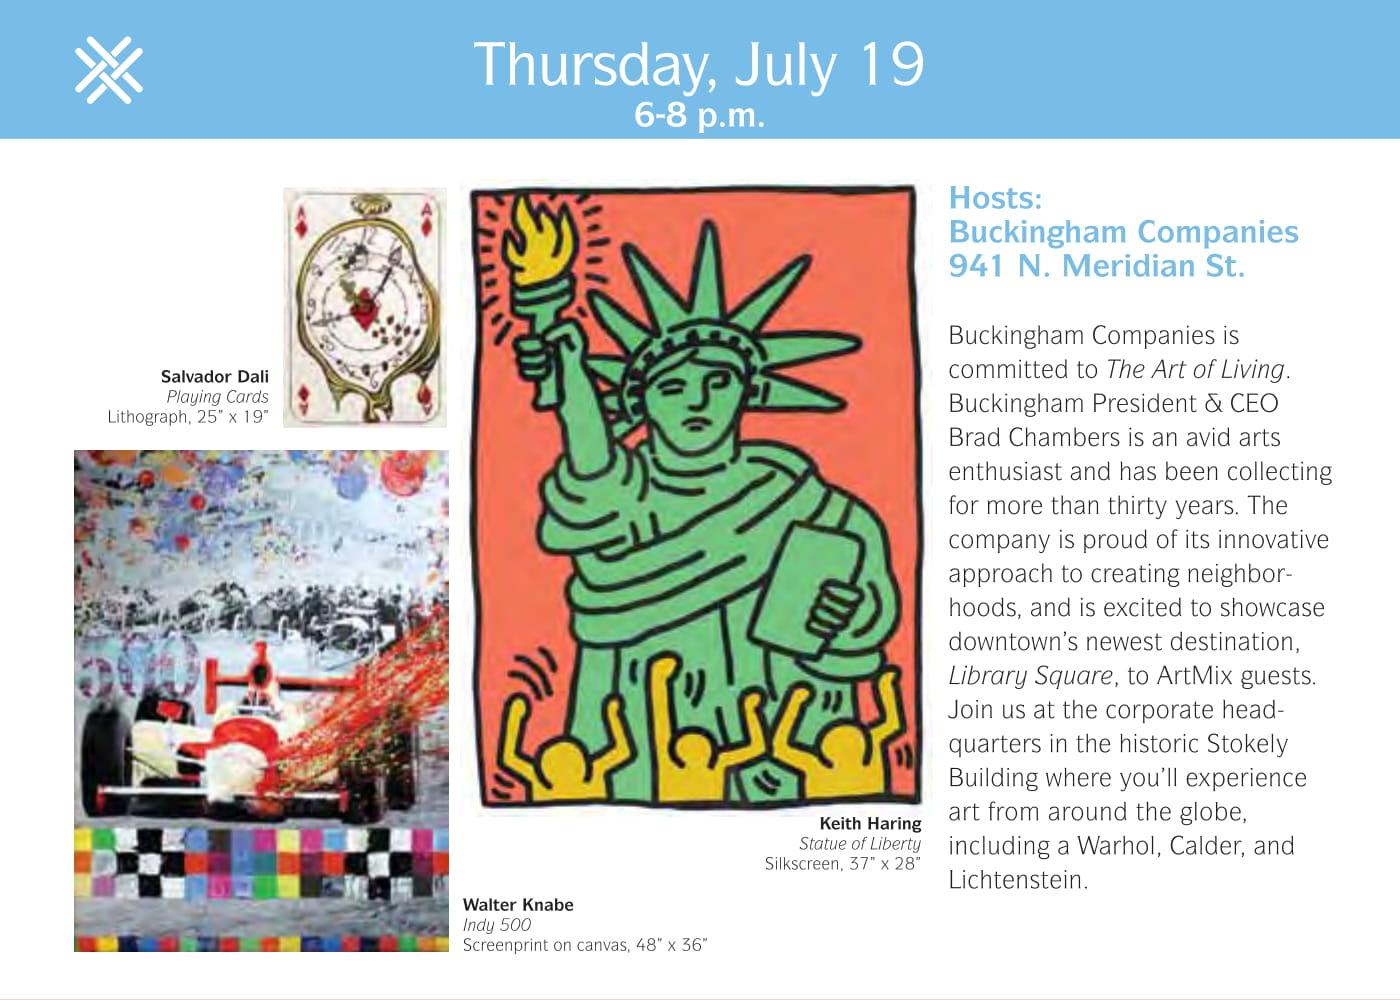 ArtMix Art & Home Tours: Buckingham Companies Offices